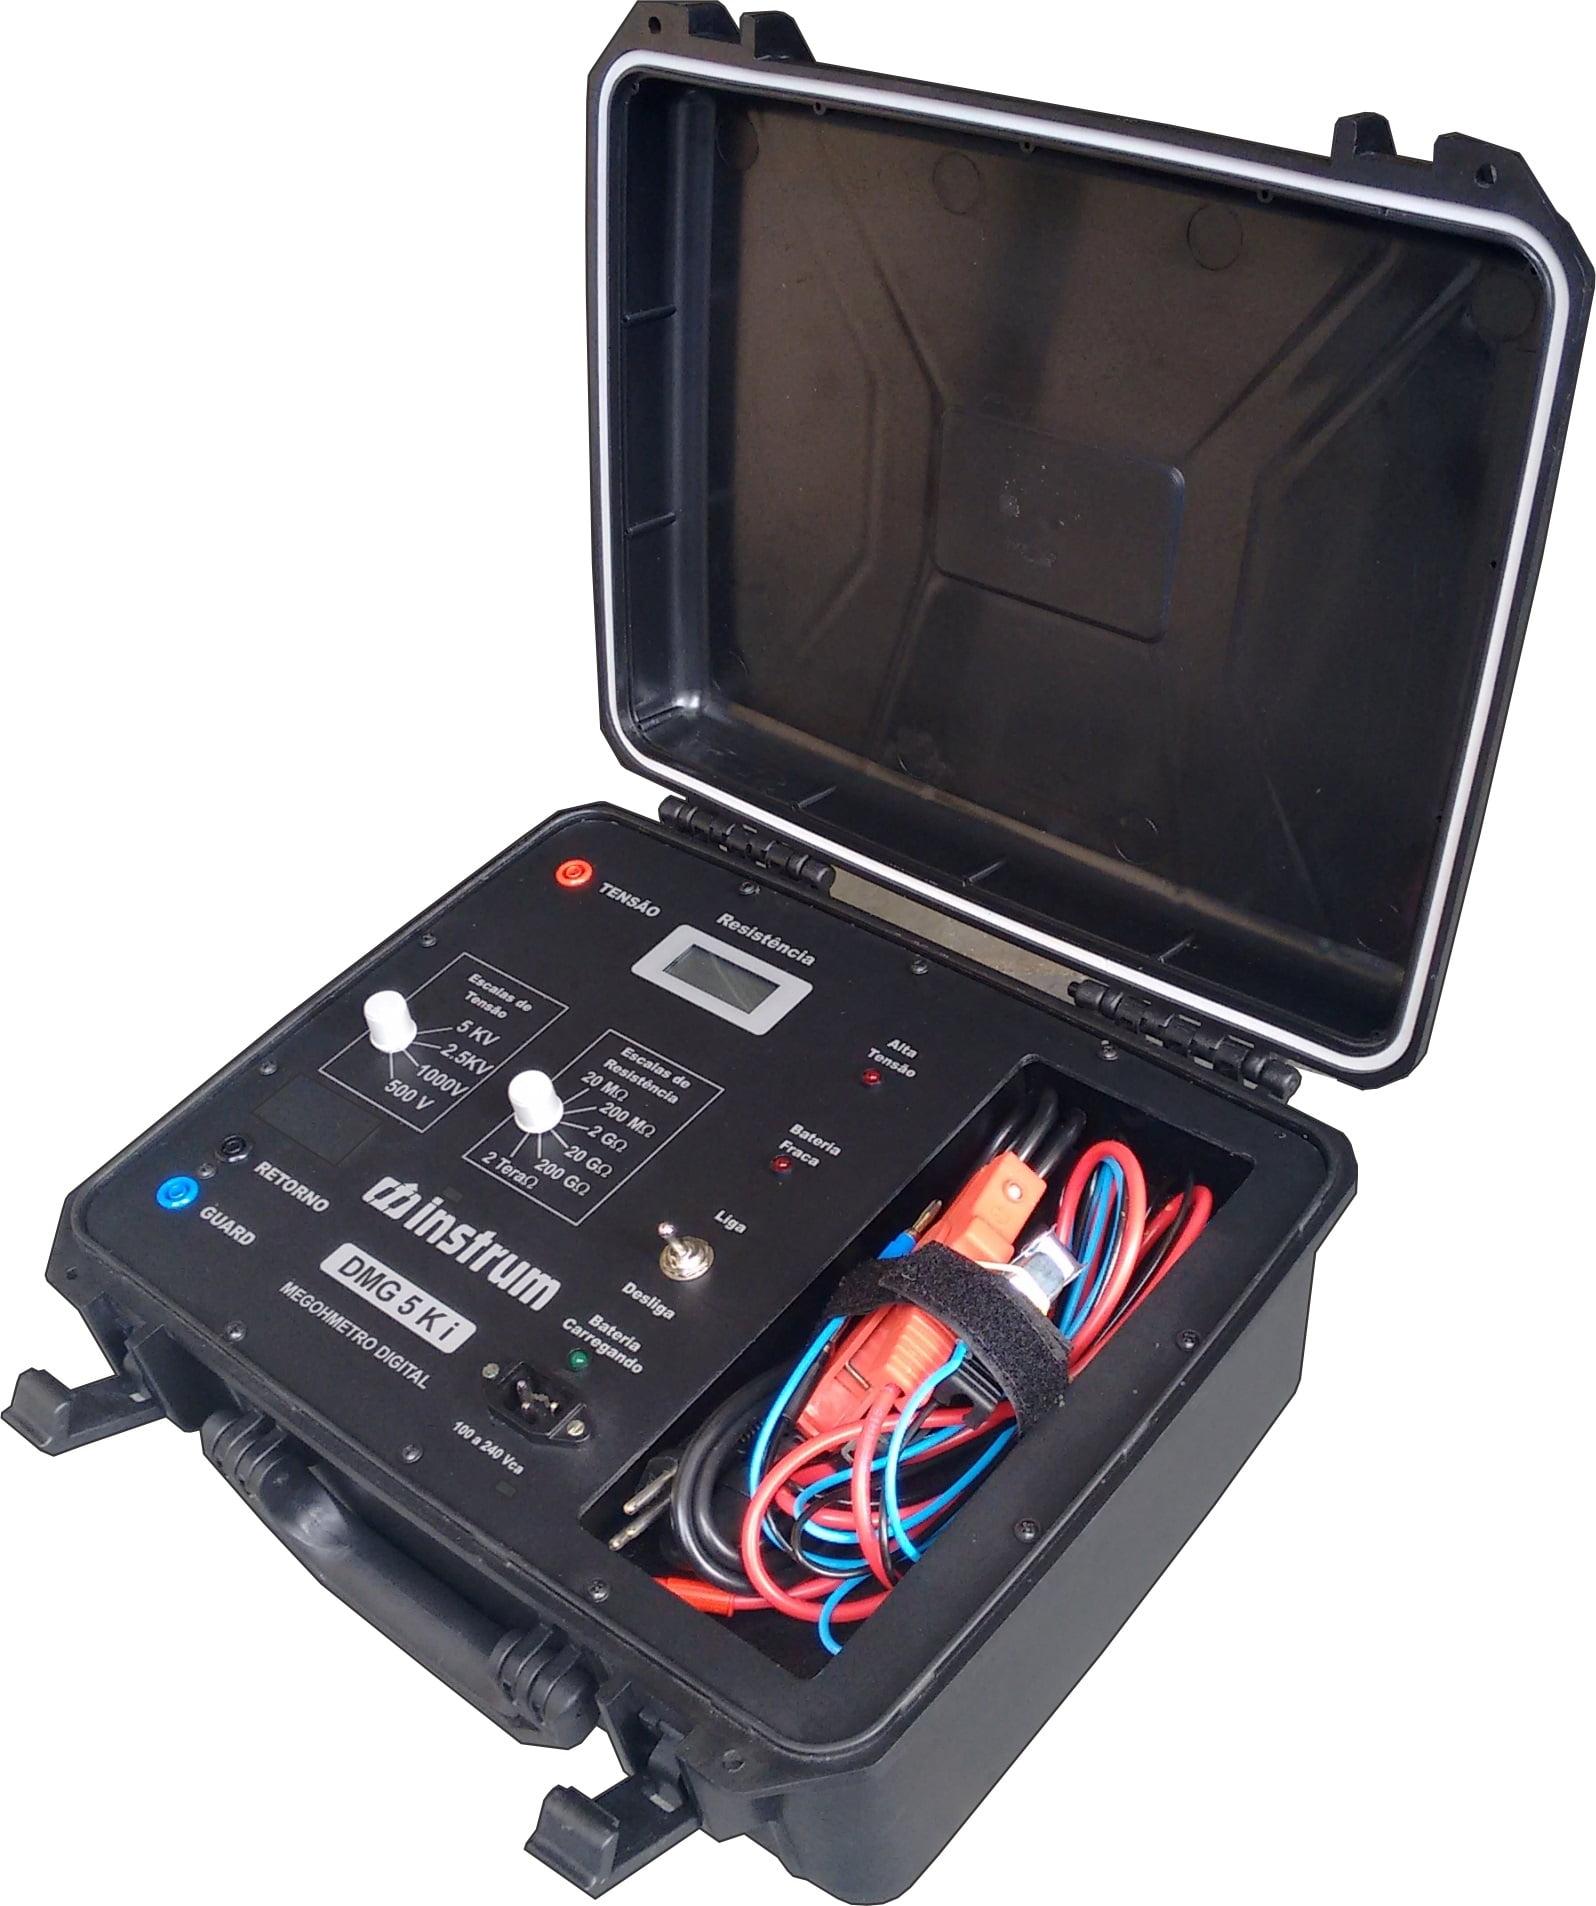 Megômetro (2TΩ/5KV)   Instrum  DMG-5Ki